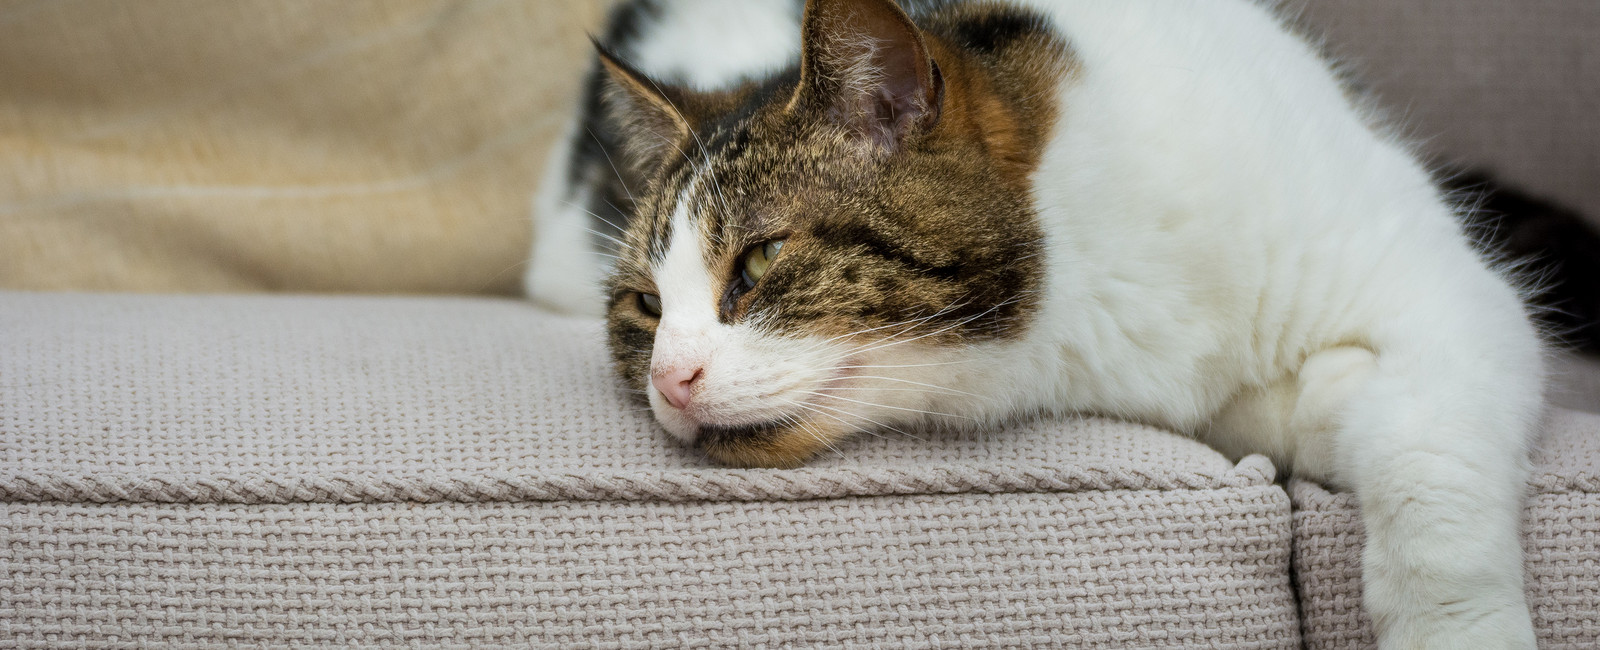 Katzenhaare Entfernen katzenhaare entfernen hausmittel die wirklich helfen